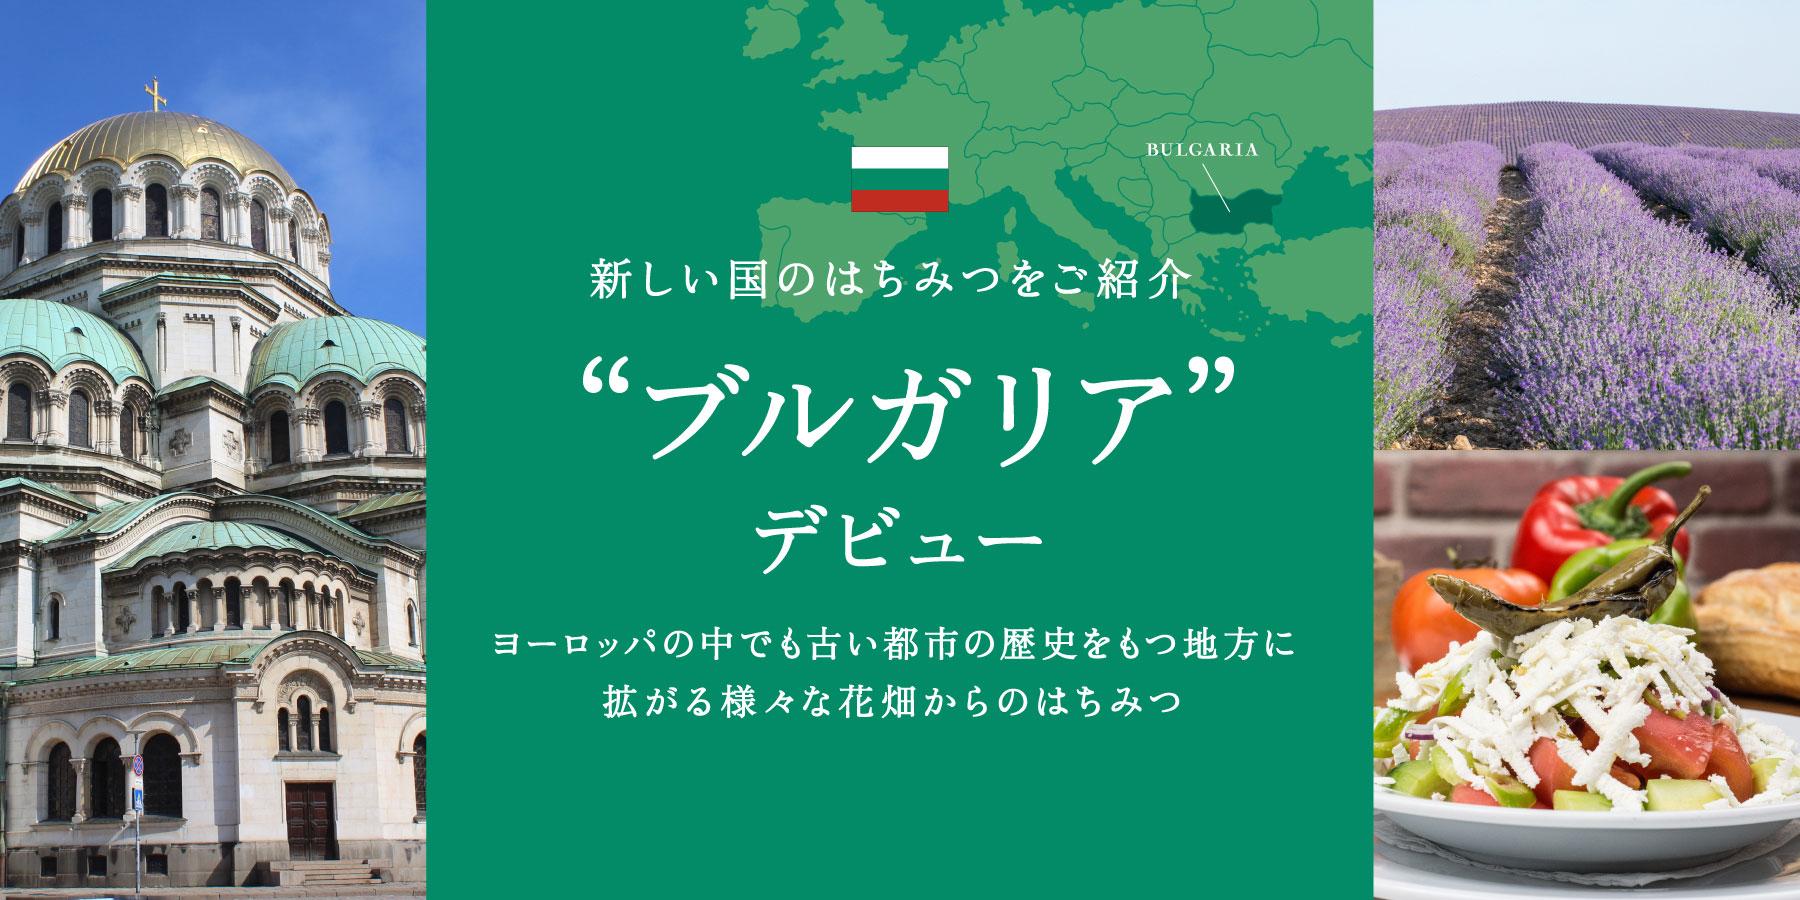 ブルガリアからの贈り物